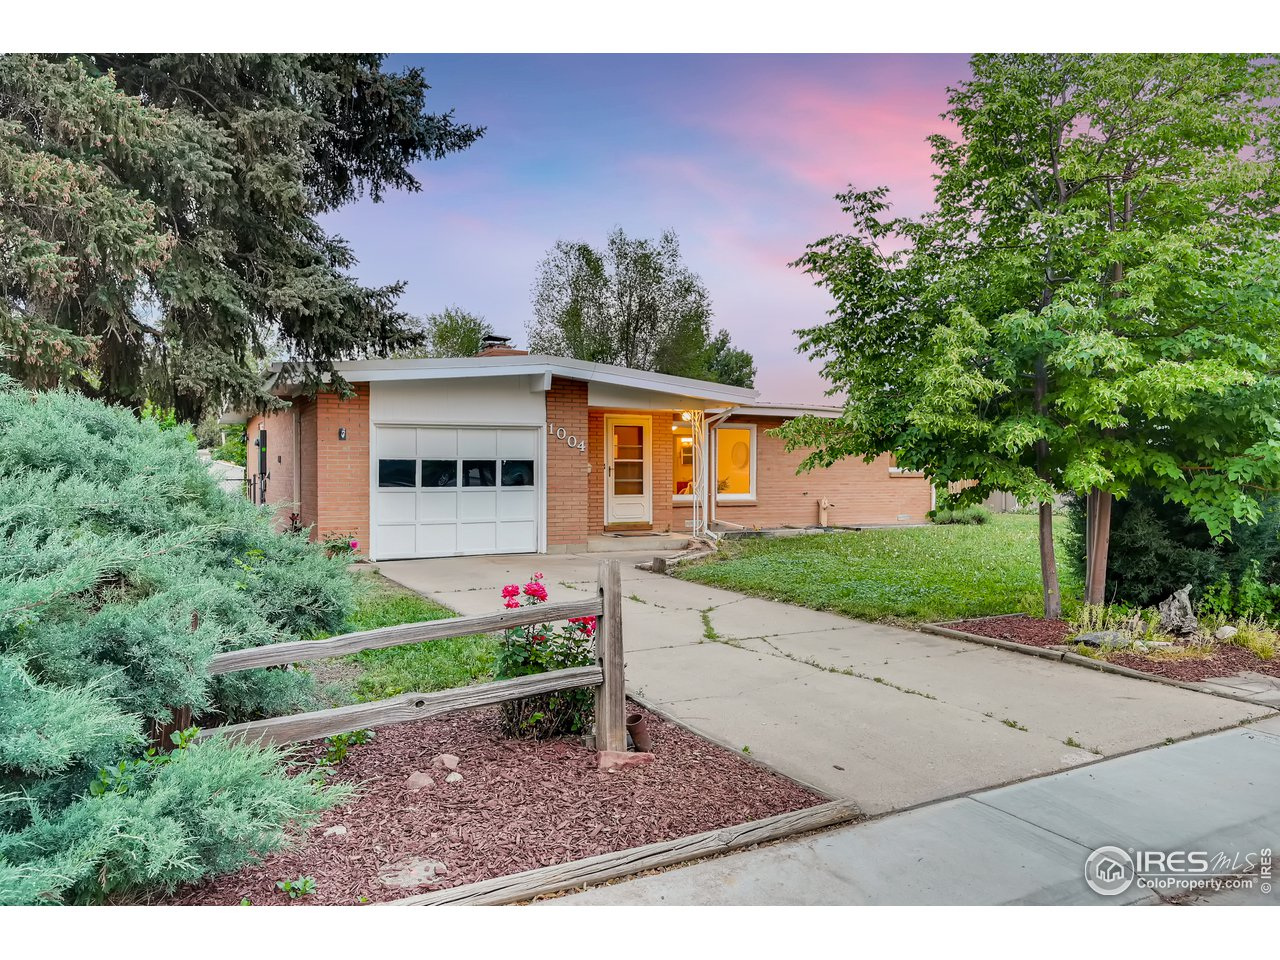 1004 Glenmoor Dr, Fort Collins CO 80521